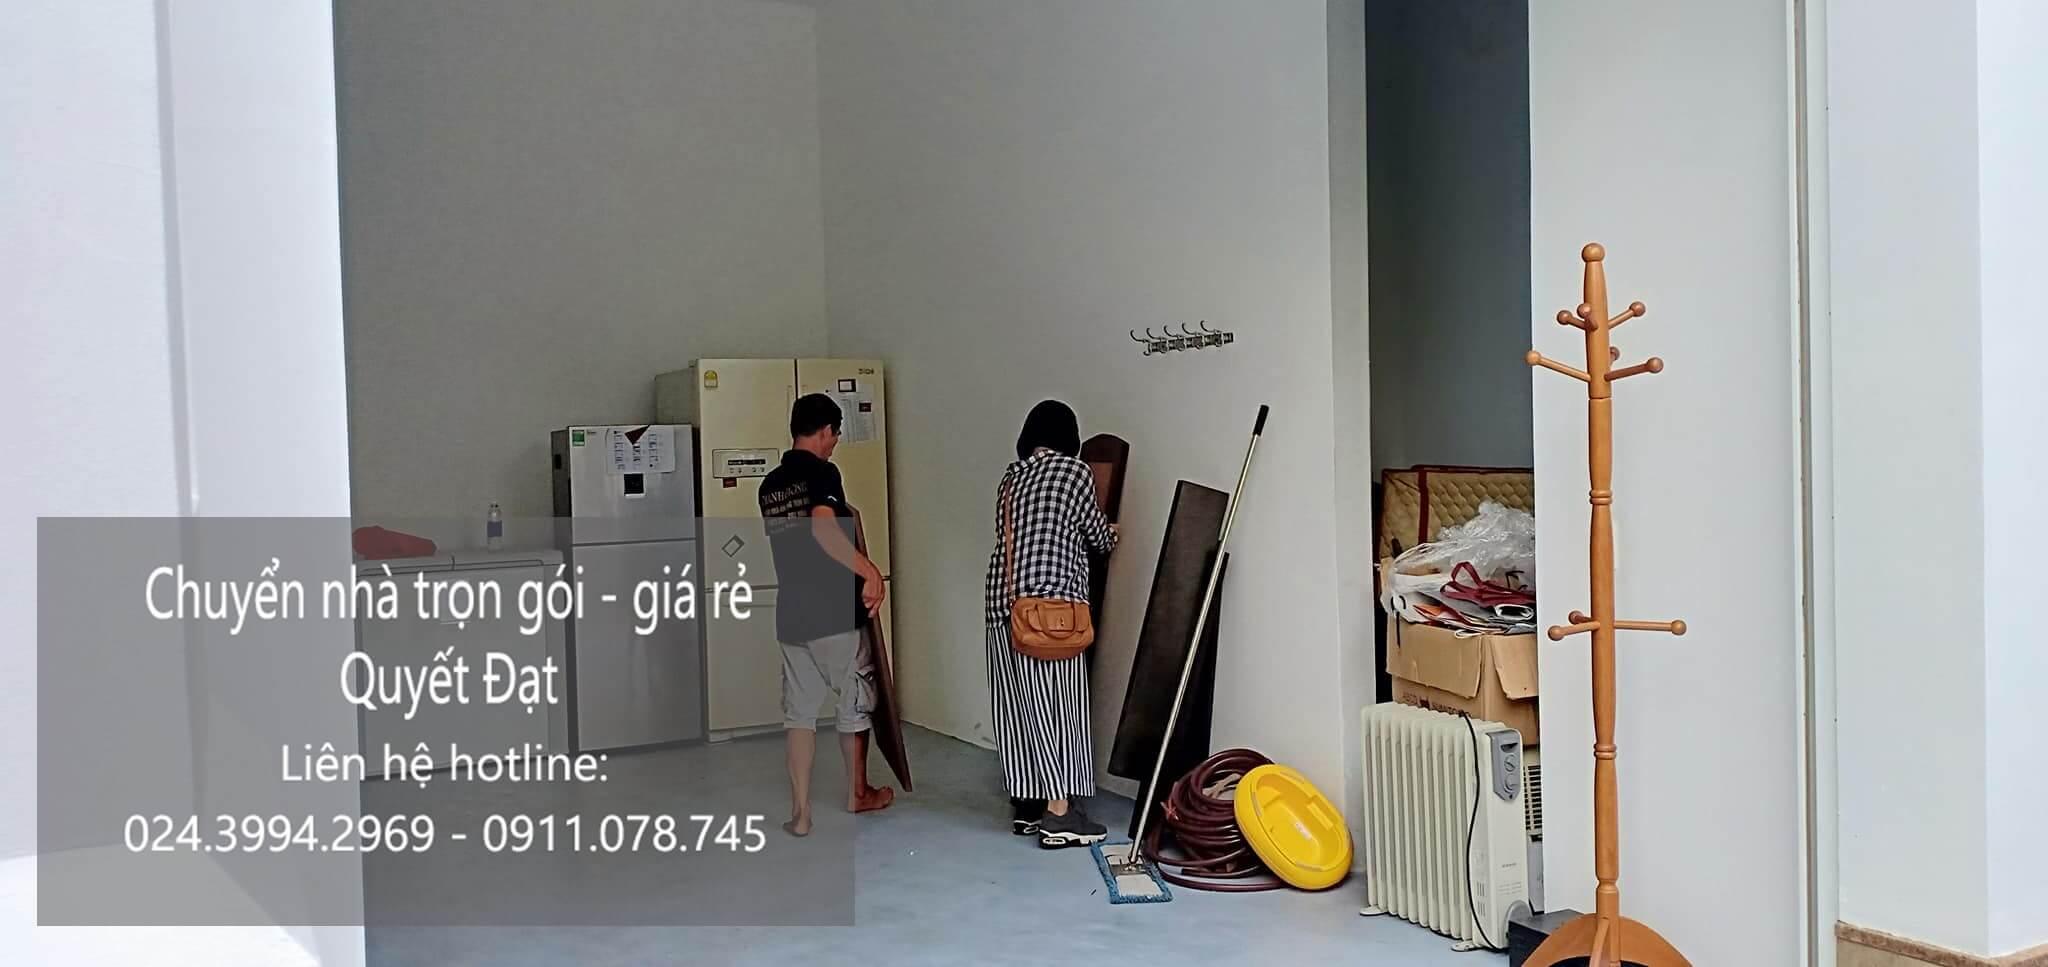 Dịch vụ chuyển nhà trọn gói tại đường Hội Xá